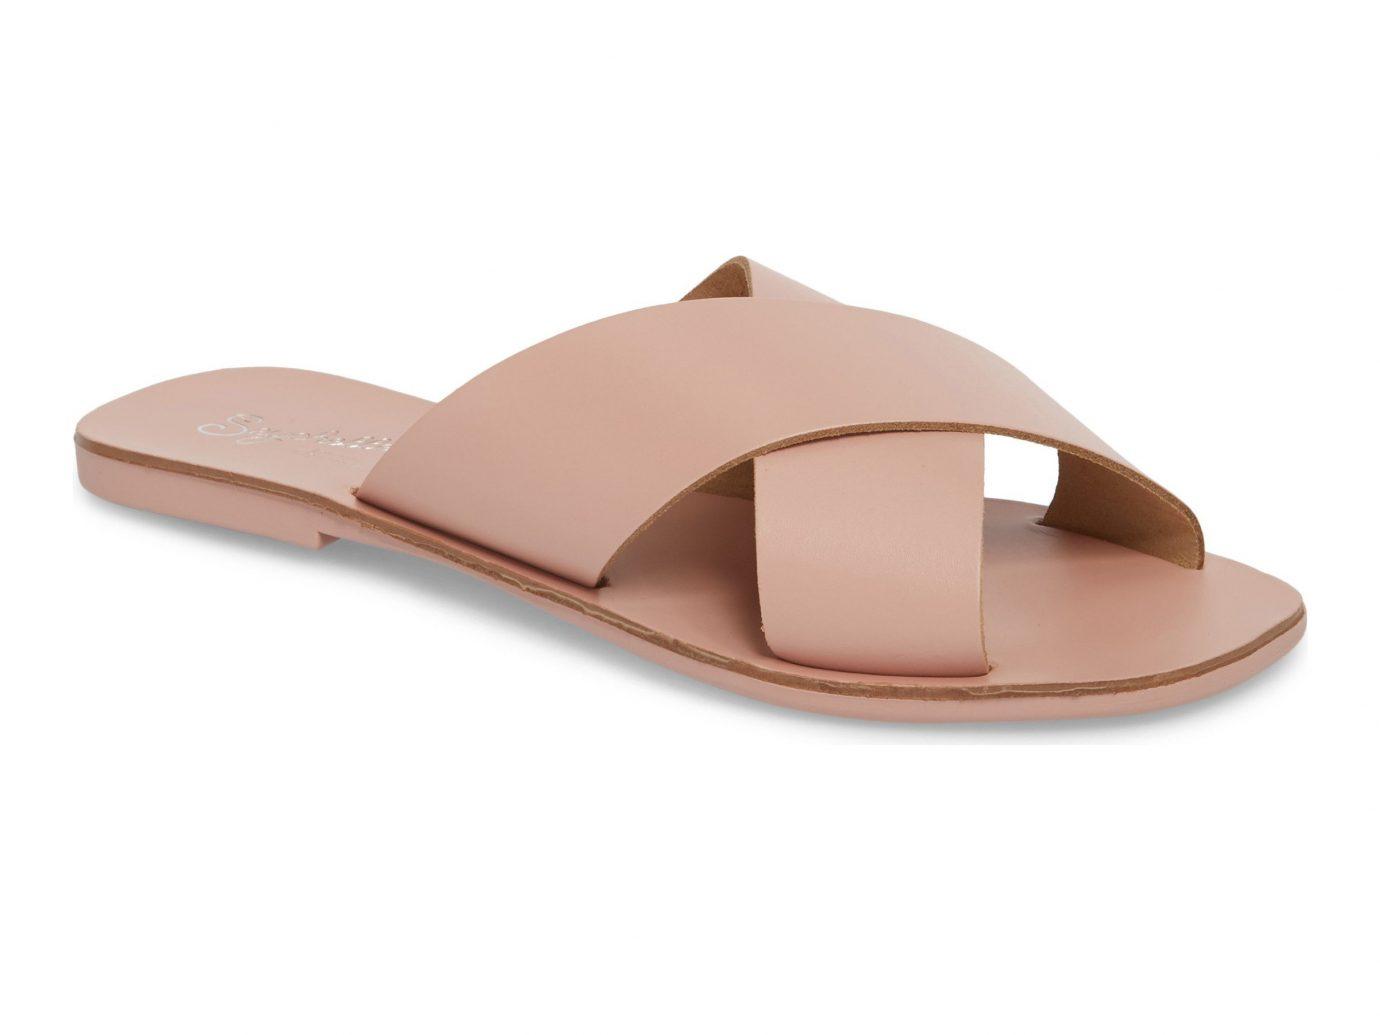 Trip Ideas footwear brown sandal shoe flip flops product design beige outdoor shoe product peach walking shoe